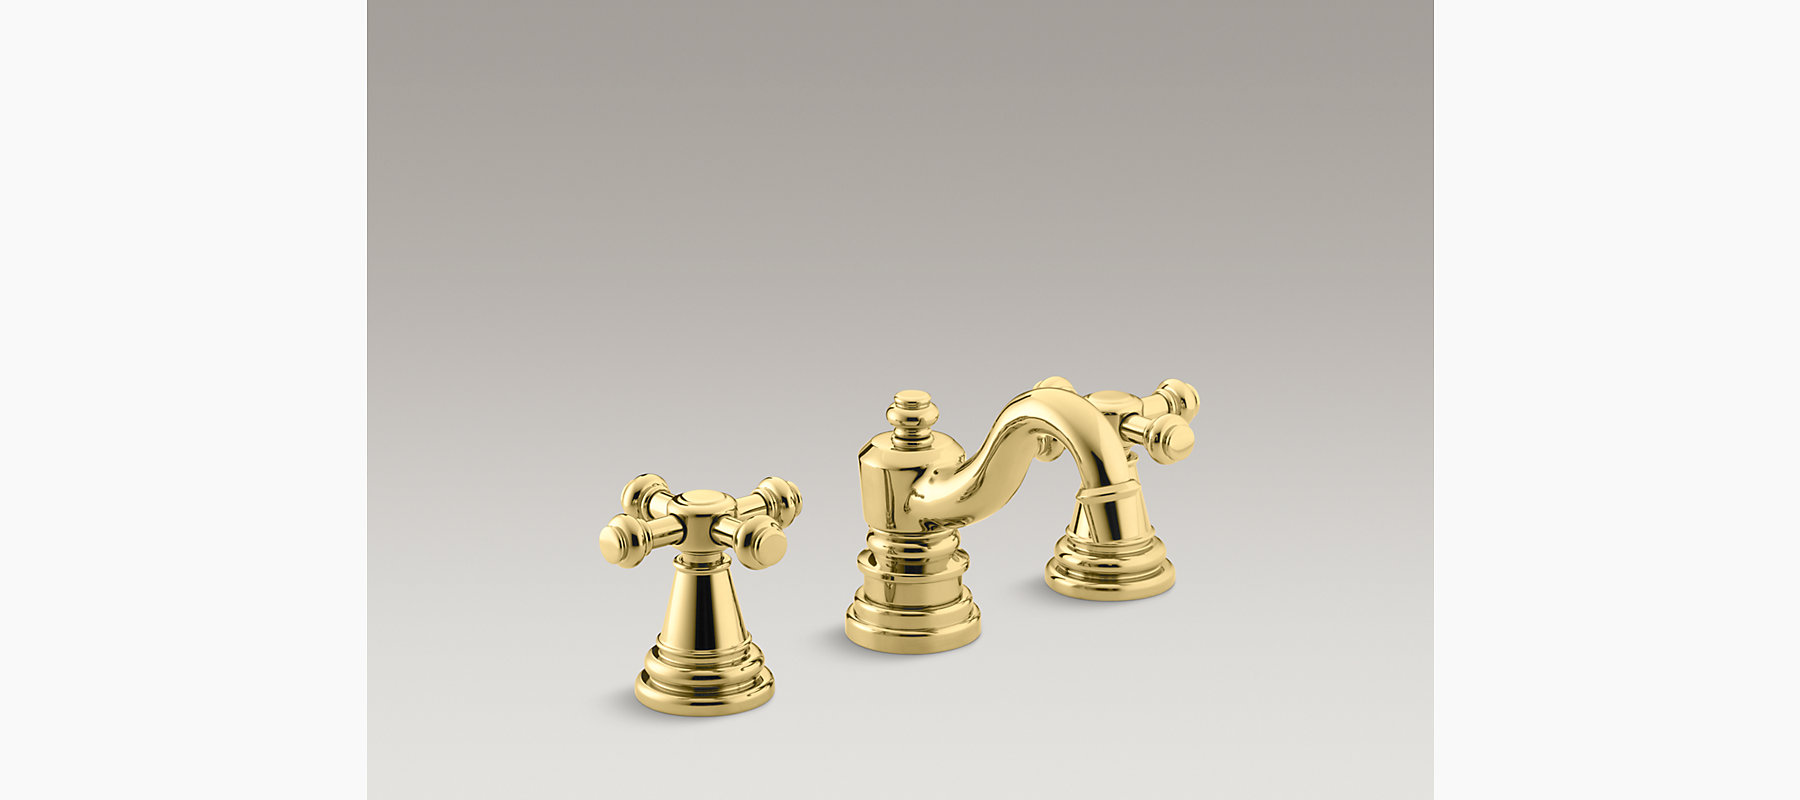 Kohler Iv Georges Brass Widespread Sink Faucet Kohler